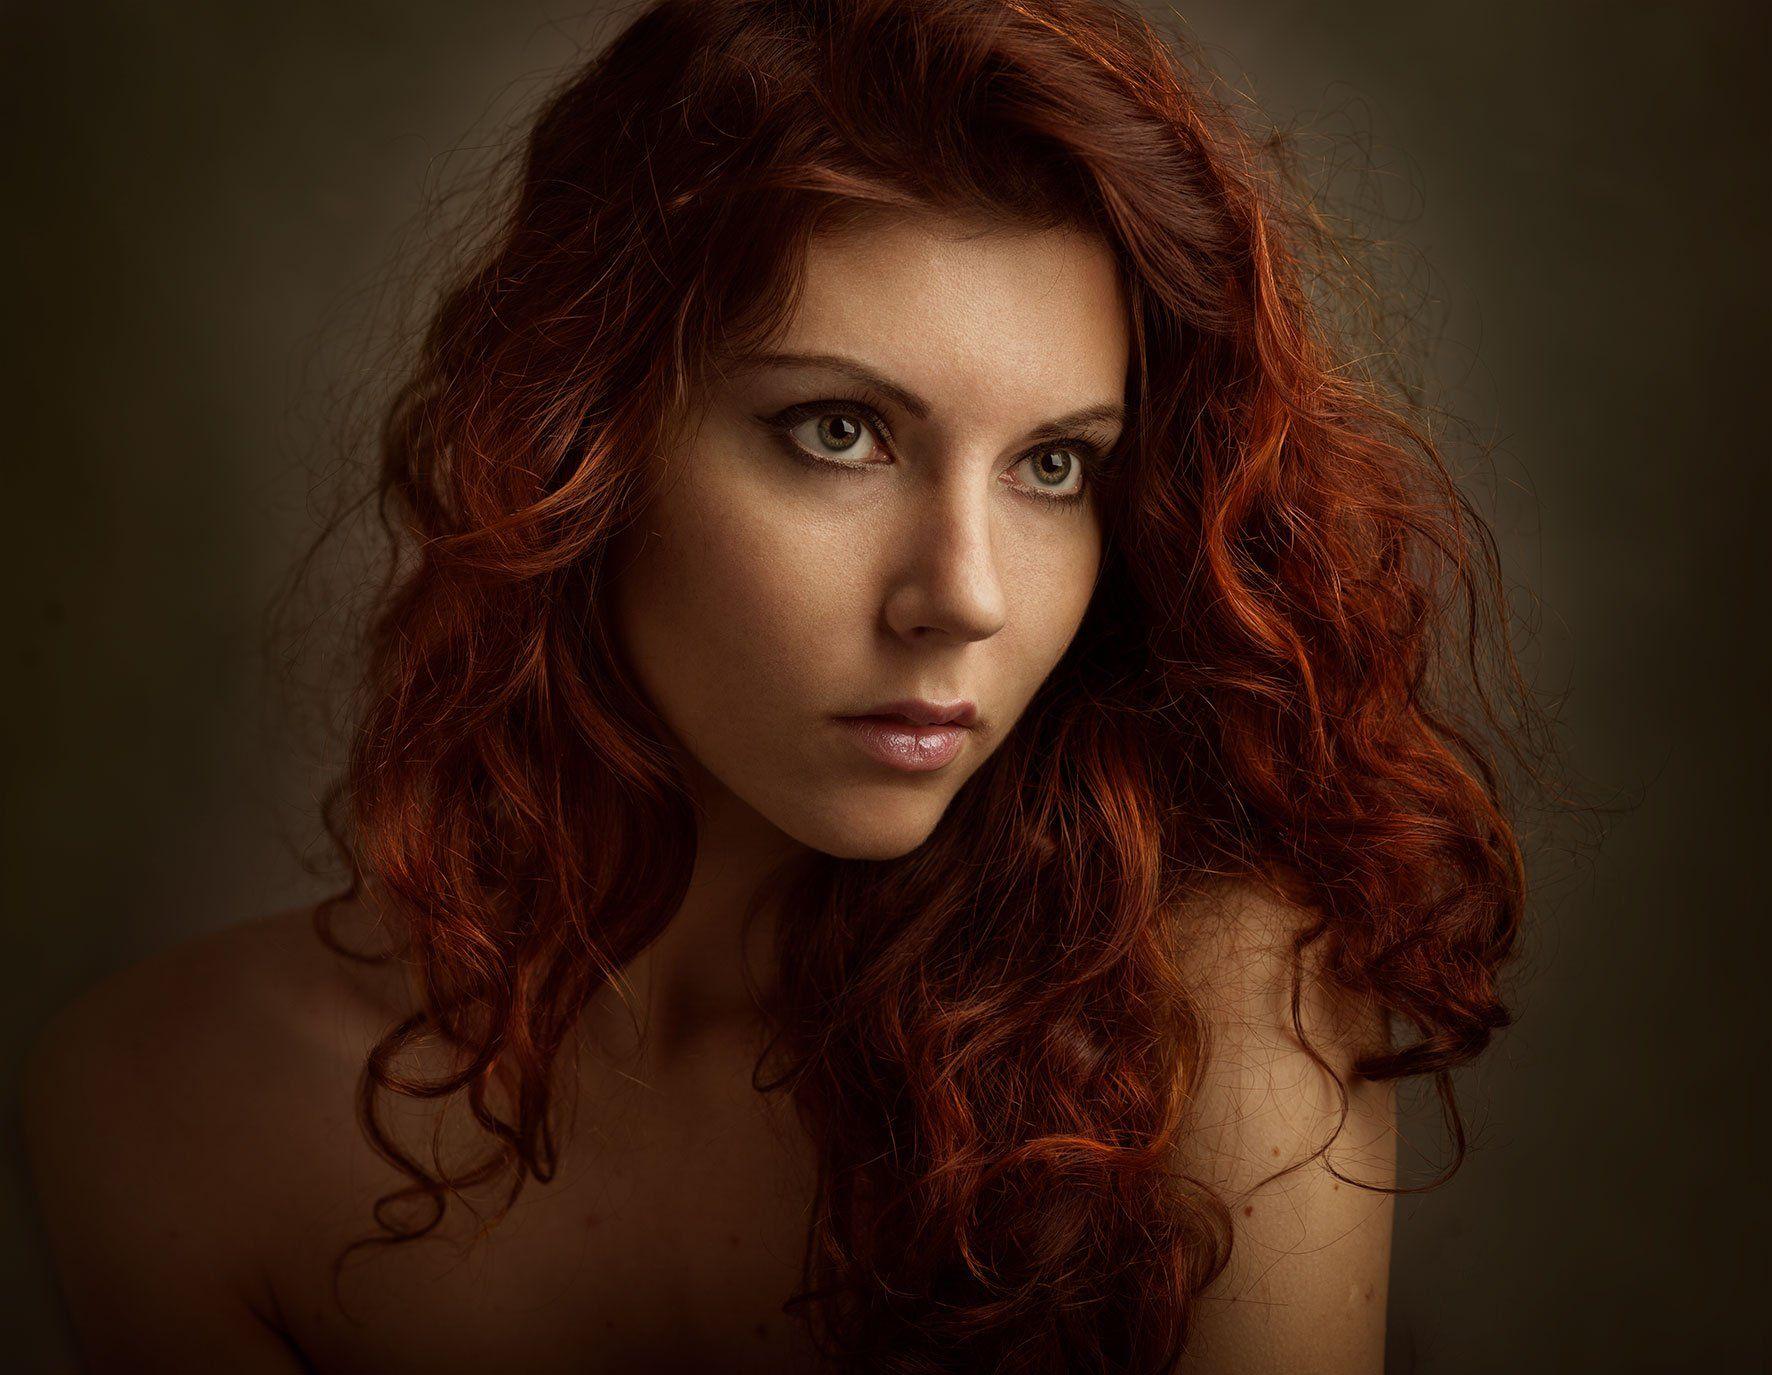 портрет,девушка,студия, 2013, Бутвиловский Дмитрий